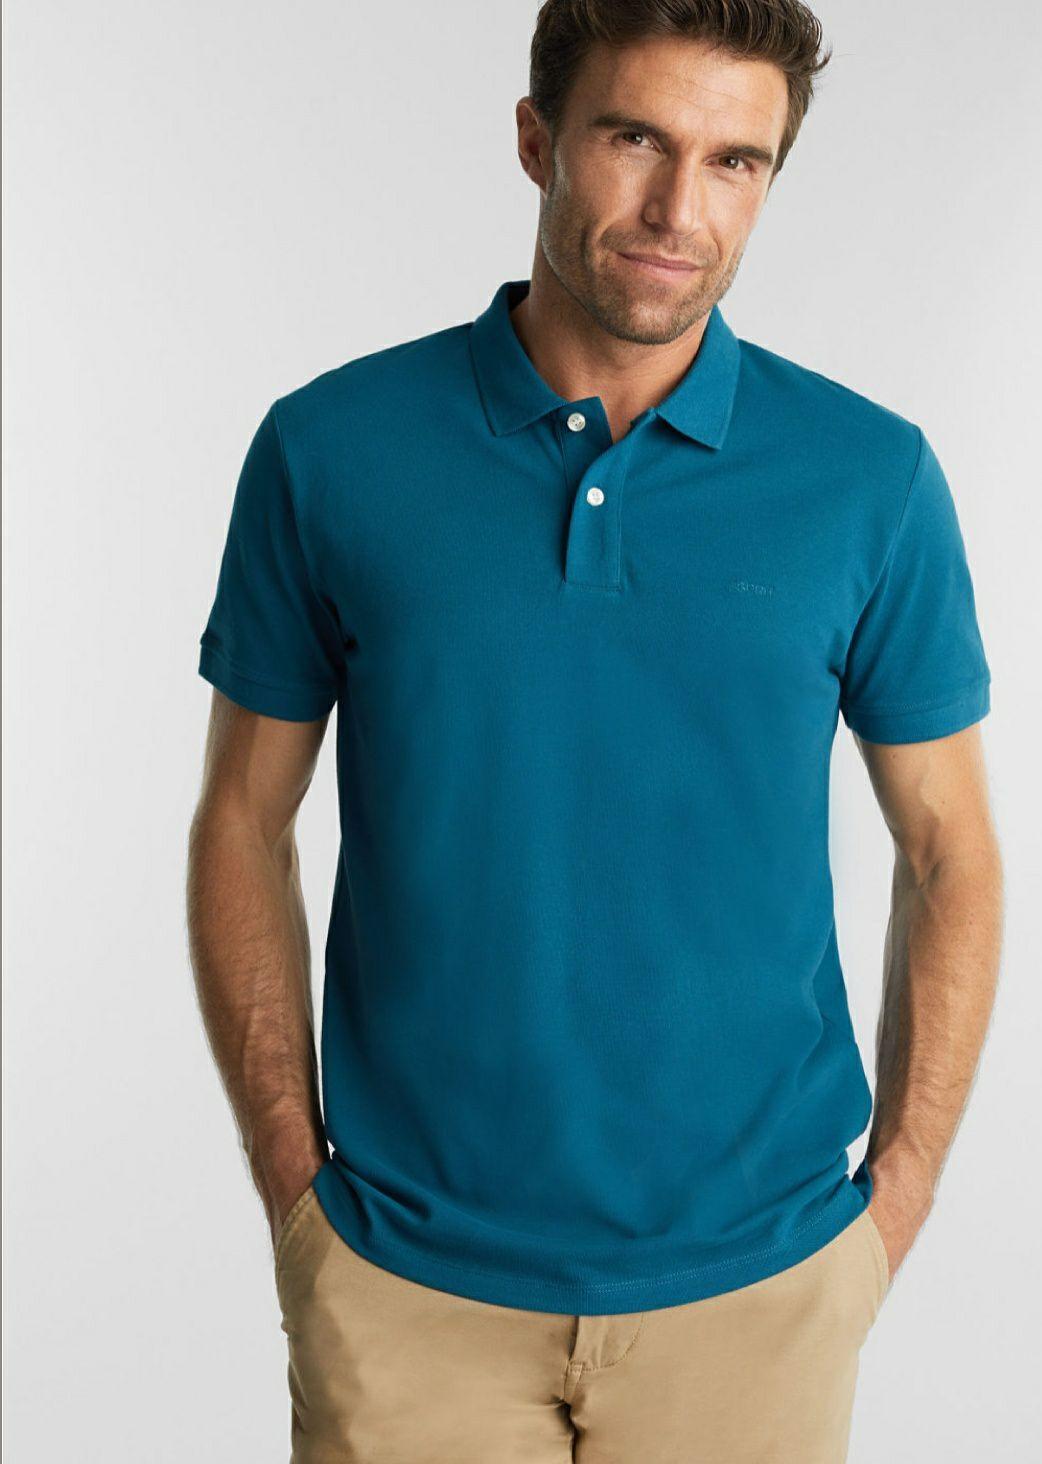 Koszulki Polo Esprit 100% bawełny w cenie 27,99pln + 30% na cały asortyment